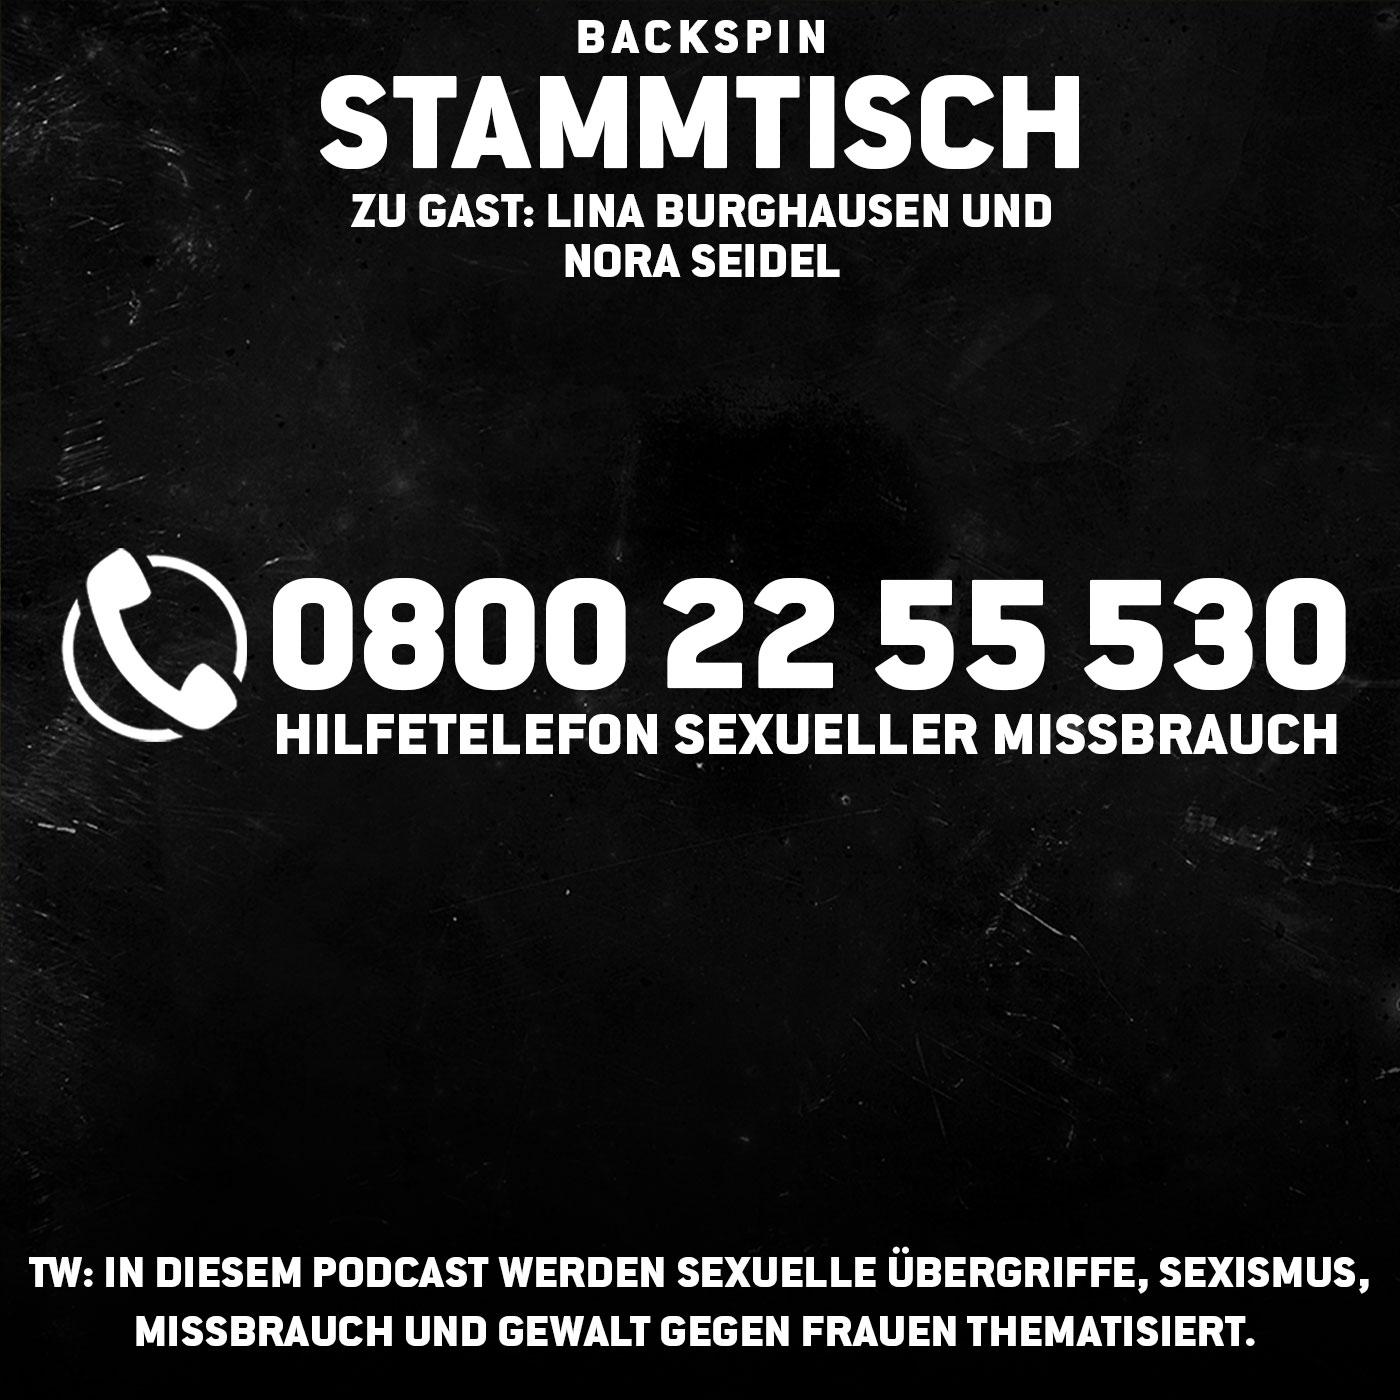 #263 - Ein Impuls für die Gesellschaft? #deutschrapmetoo | Stammtisch